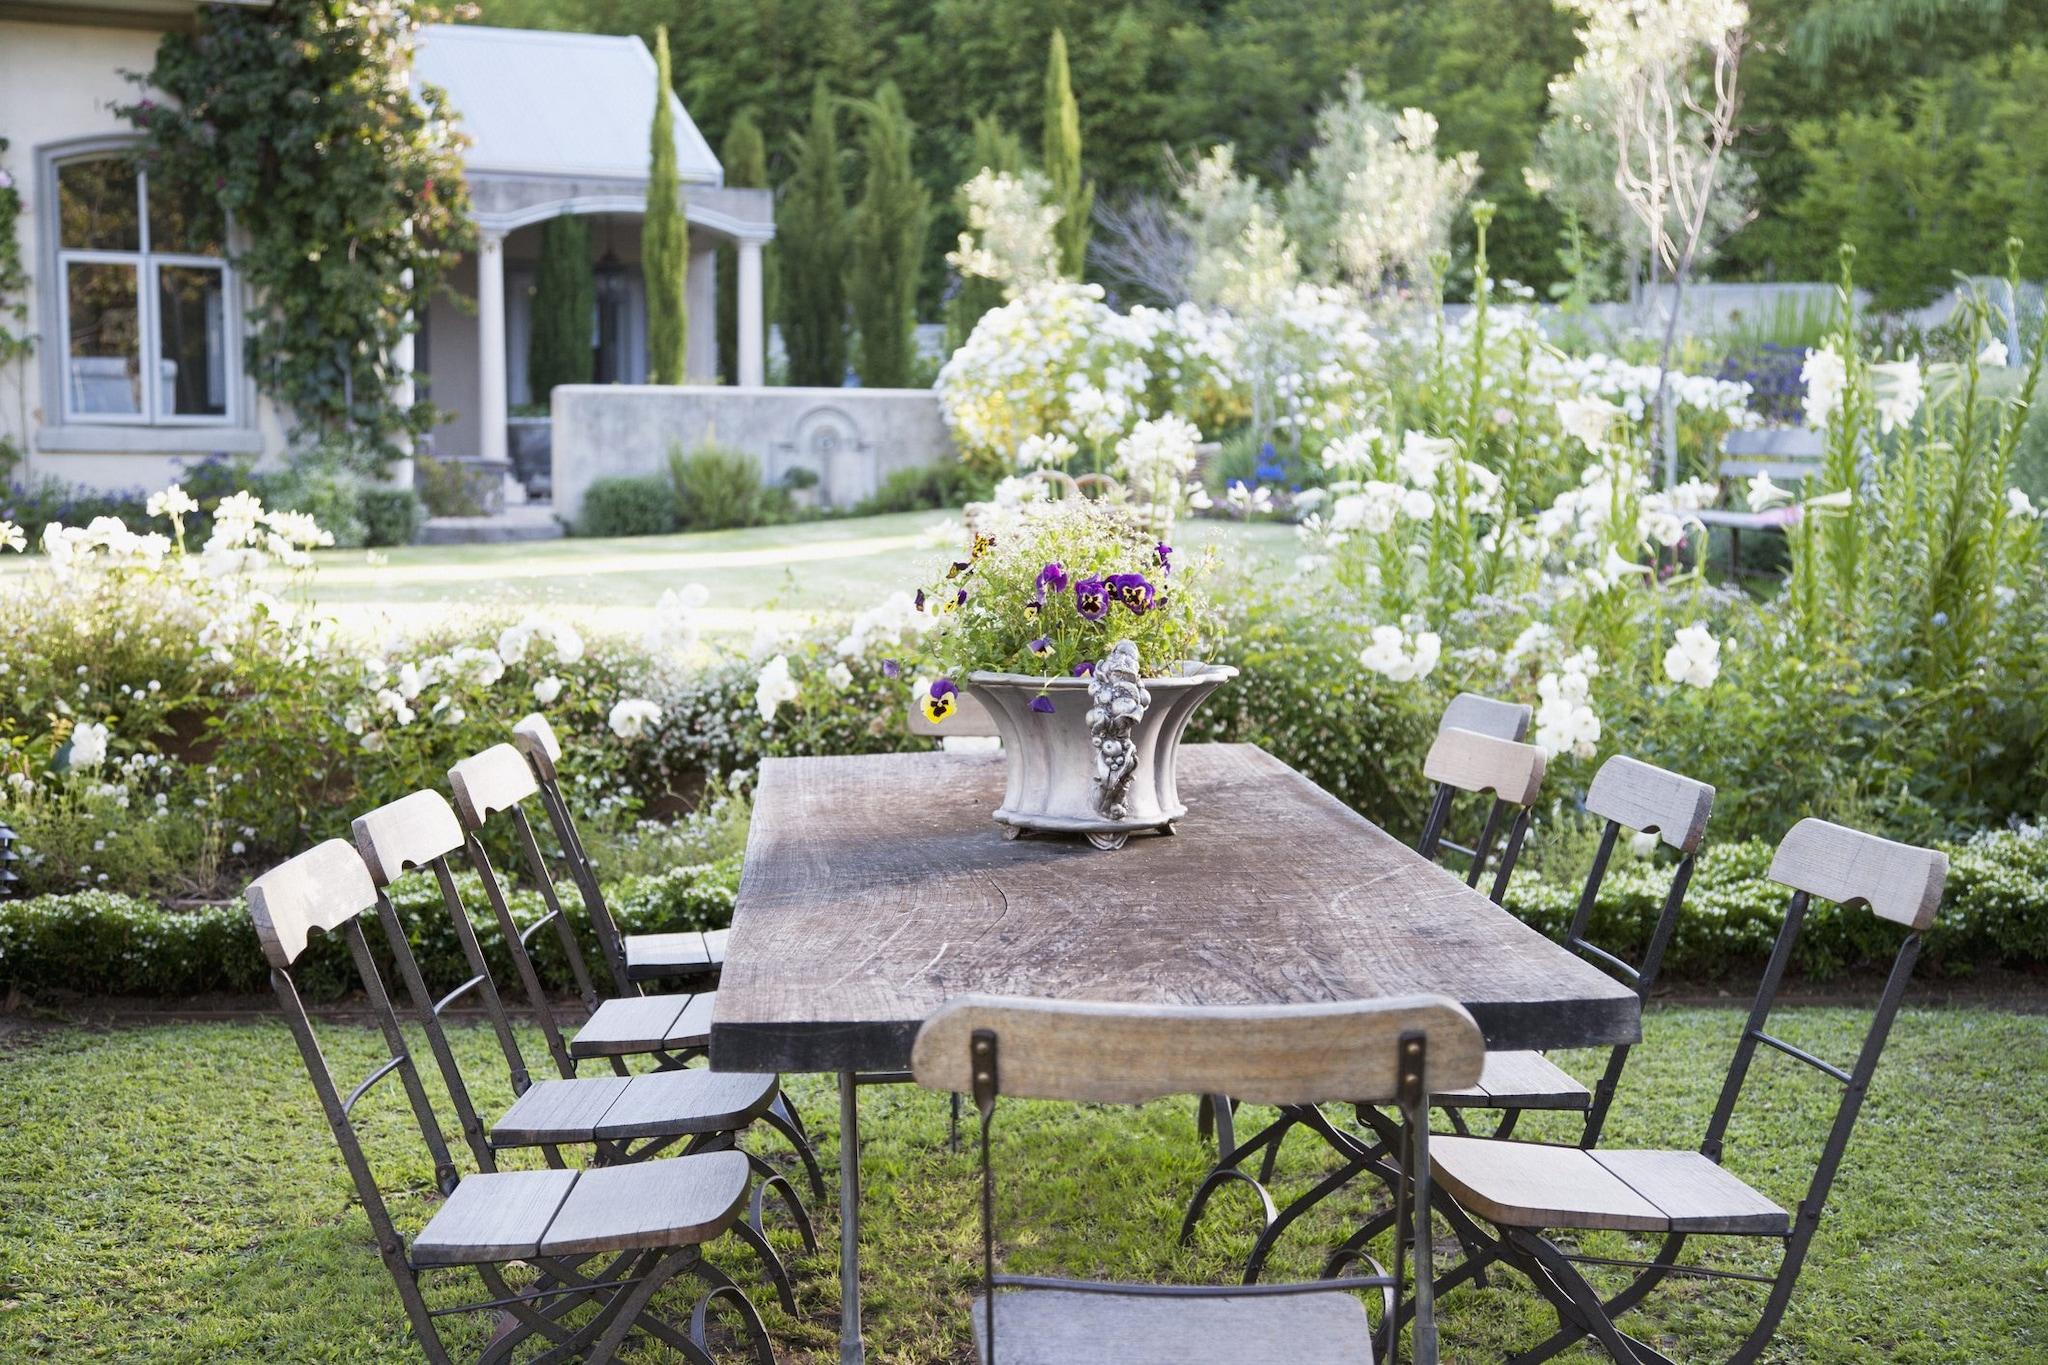 Idee Per Illuminare Un Giardino come arredare un giardino senza spendere molto